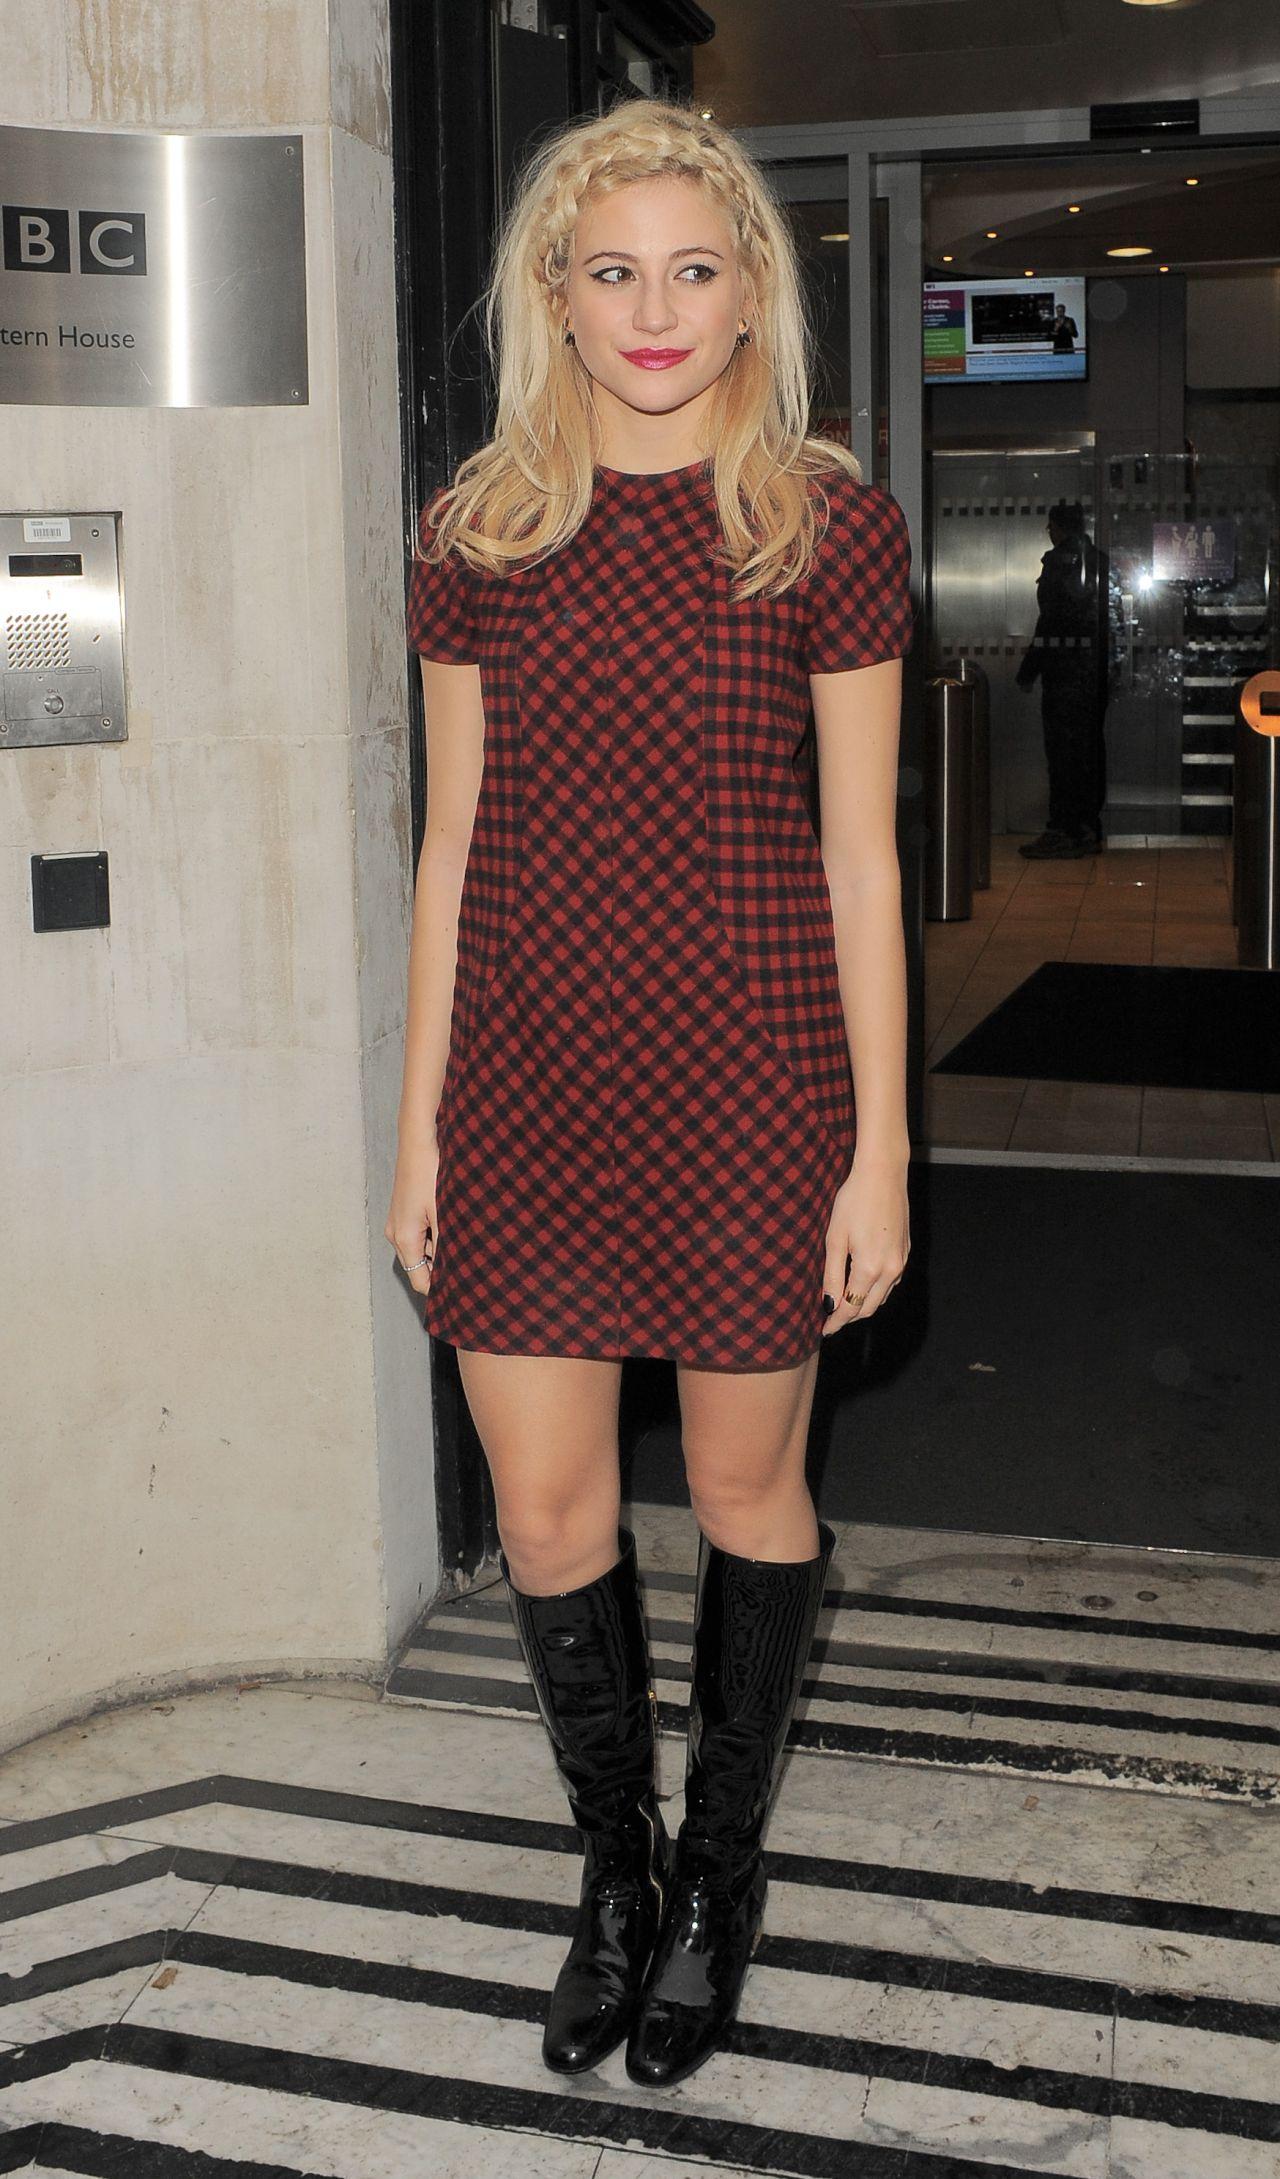 Pixie Lott in Mini Dress - Arriving at BBC Radio 2 Studios in London - Nov. 2014